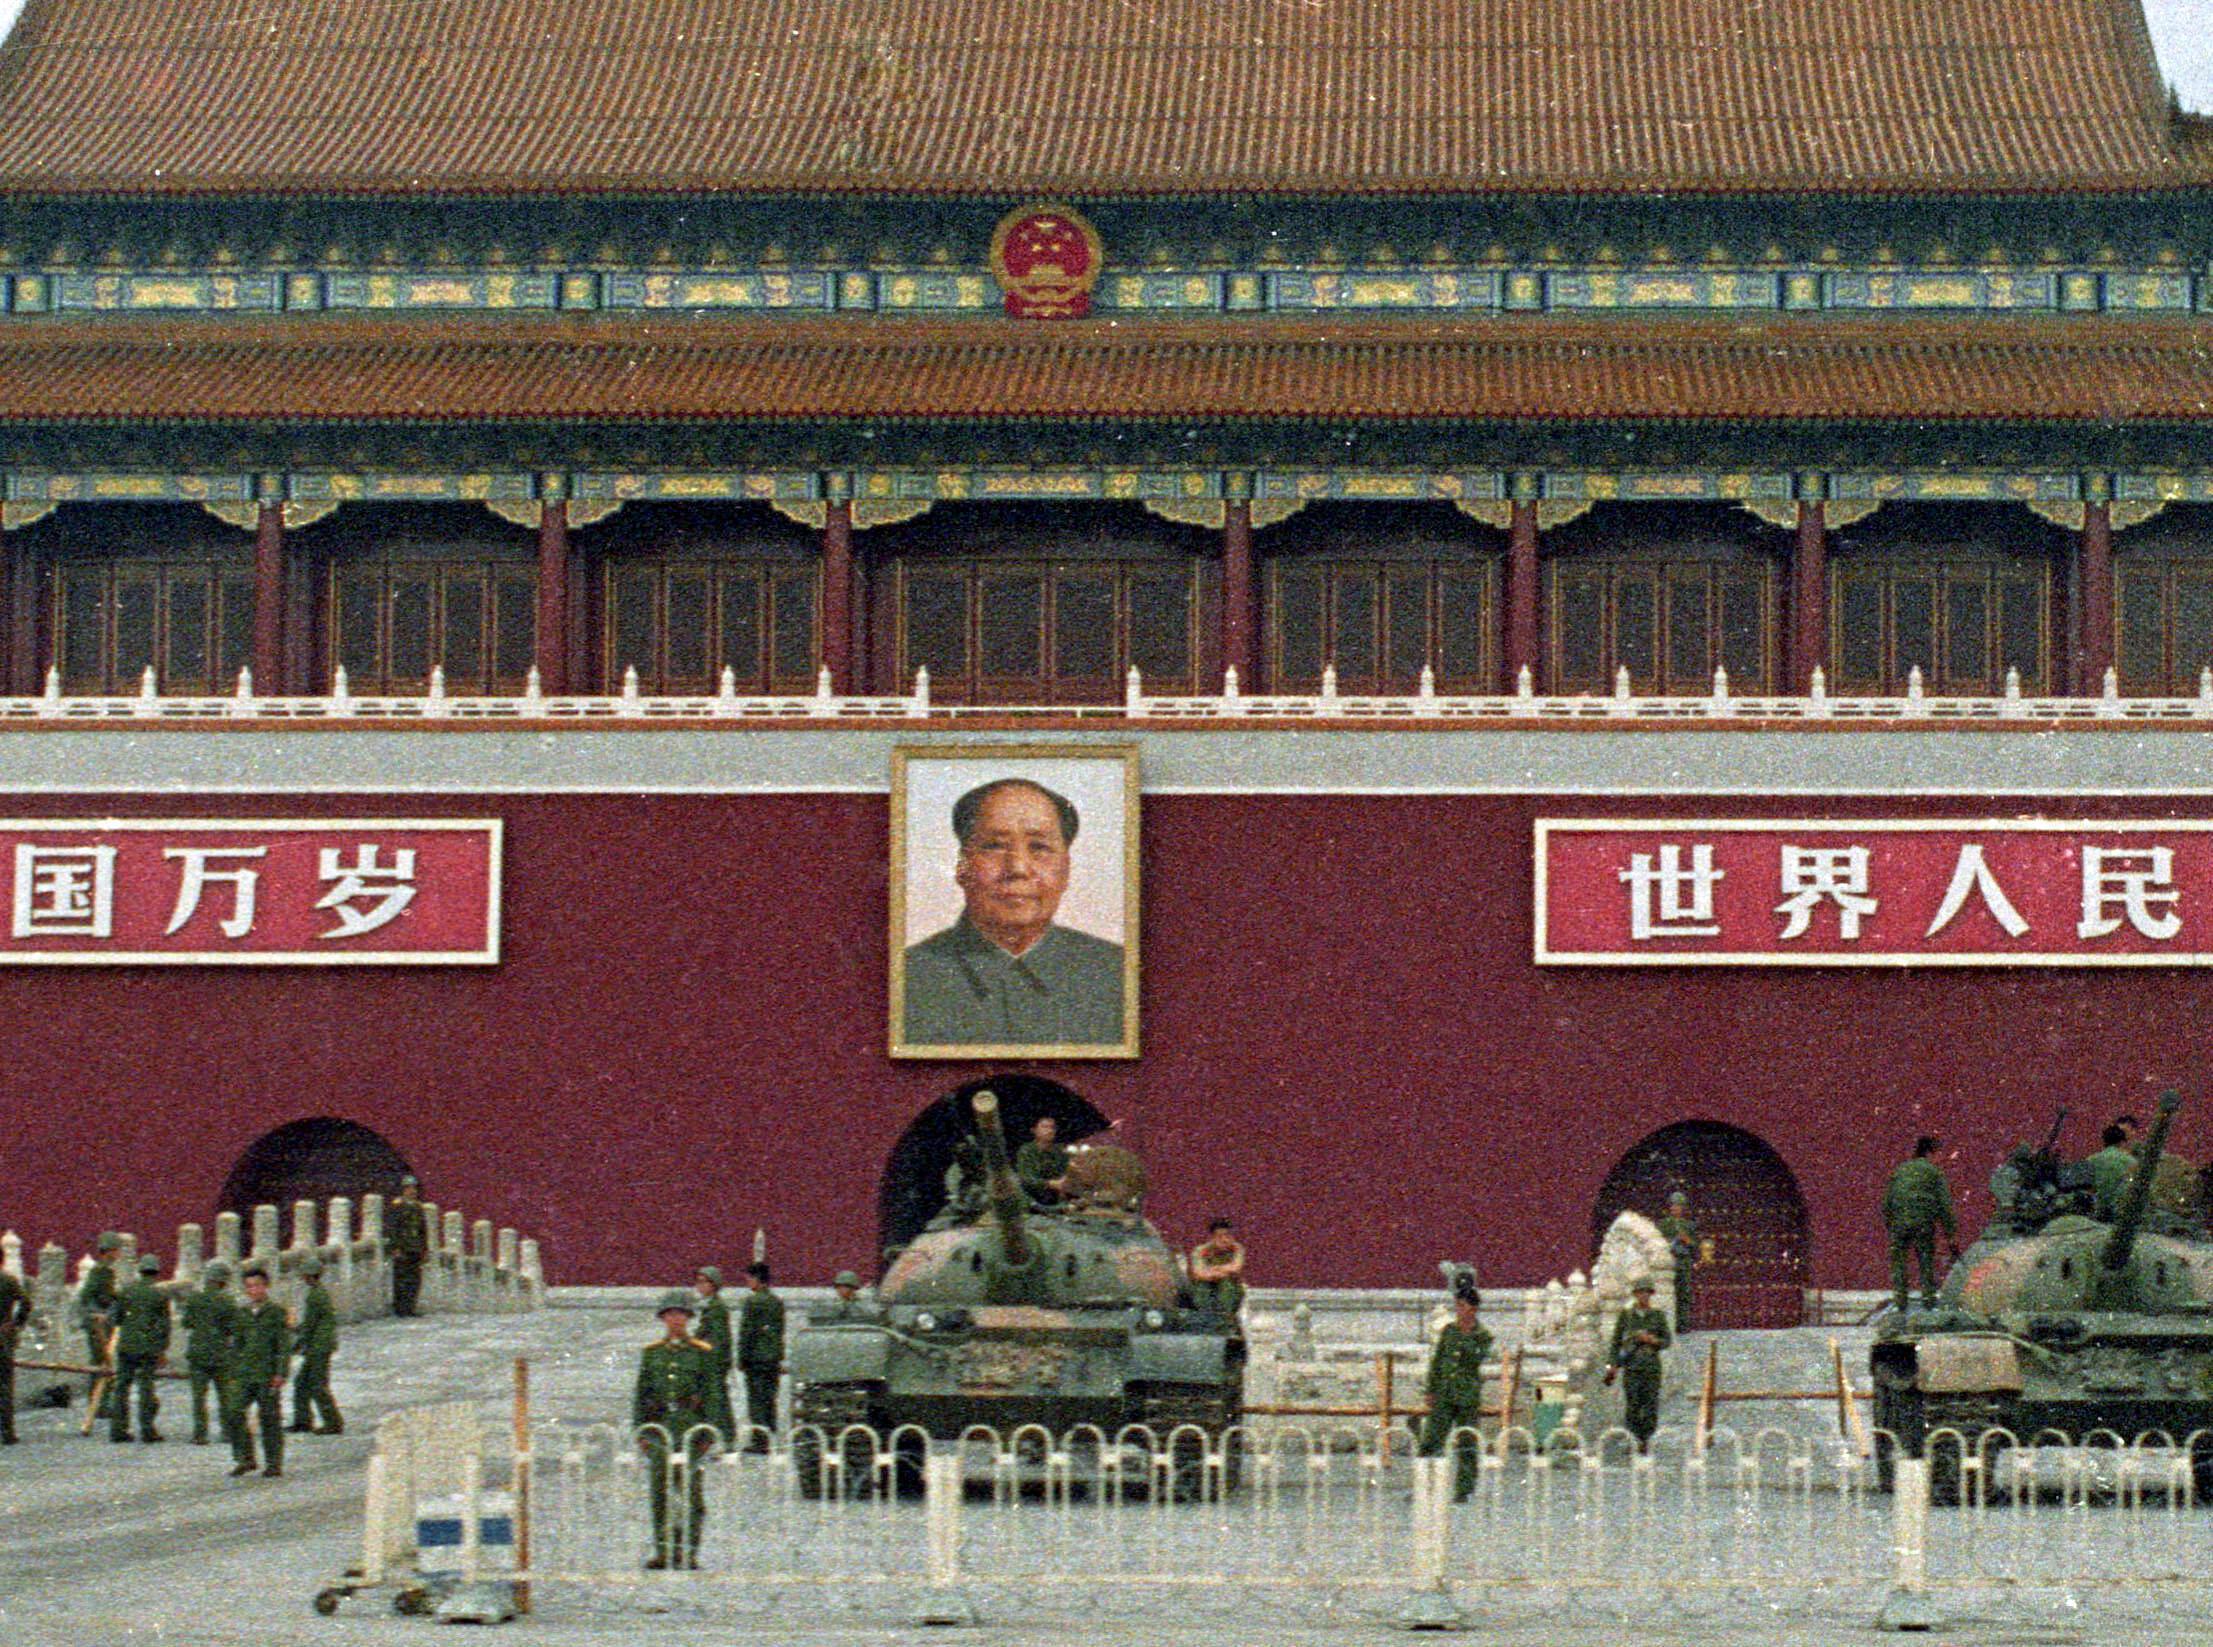 Ảnh tư liệu: Binh sĩ và xe tăng của quân đội Trung Quốc tại quảng trường Thiên An Môn, Bắc Kinh, ngày 09/06/1989